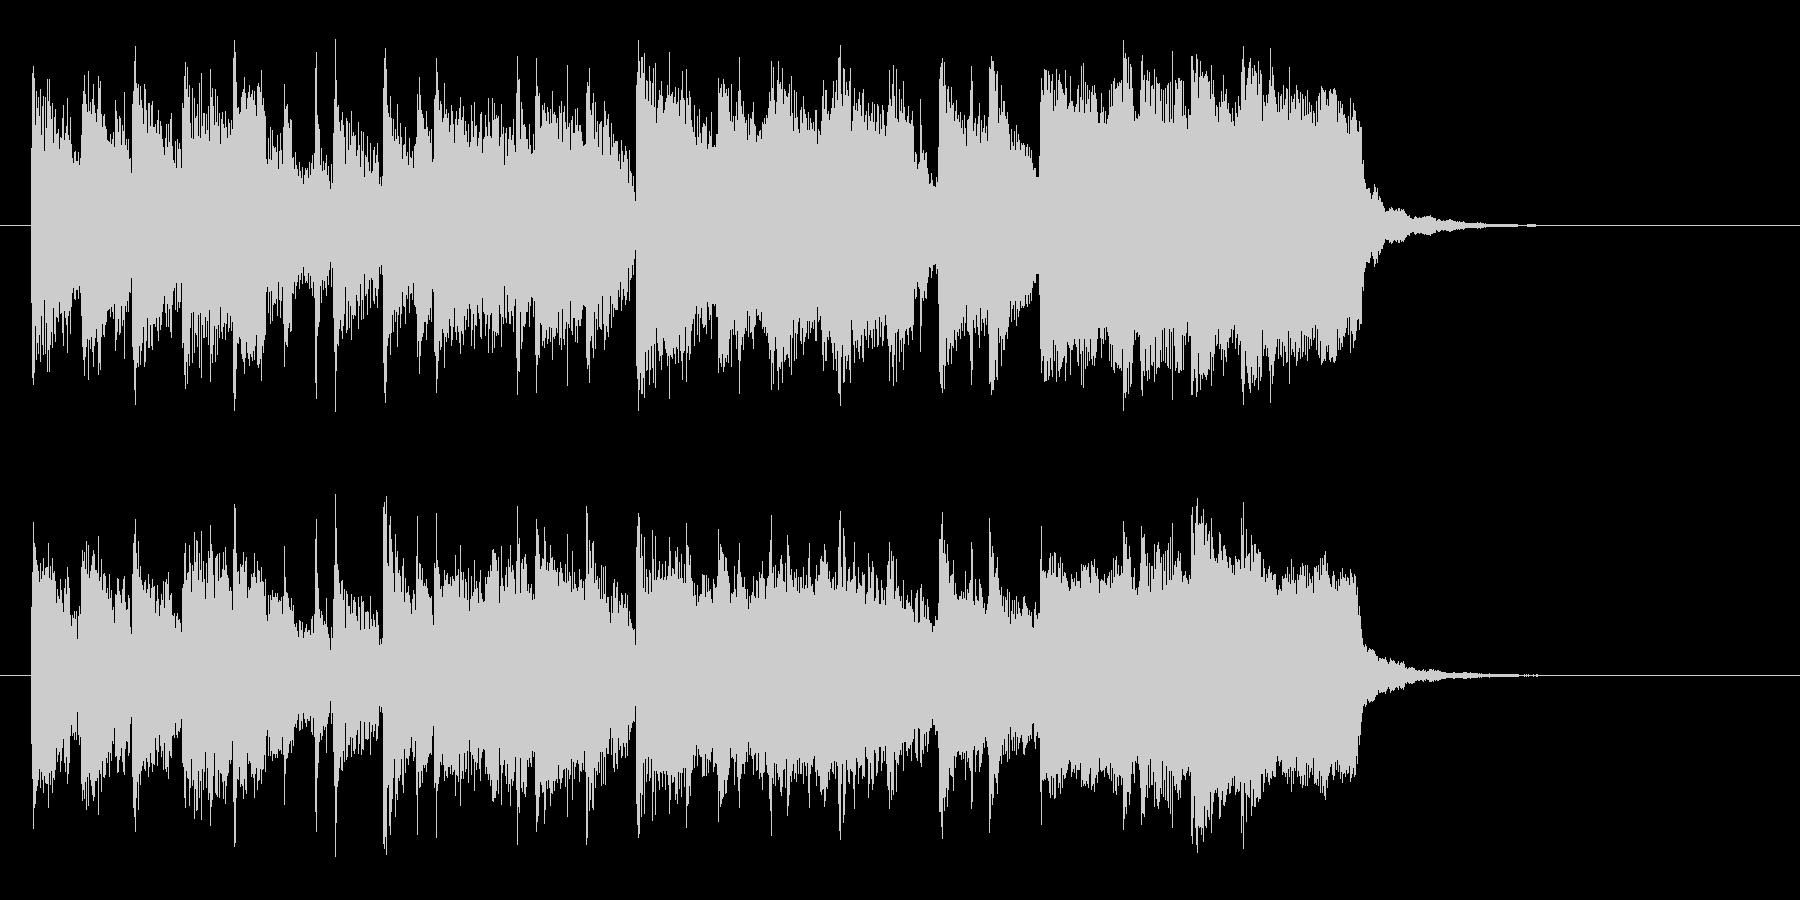 テンポよい明るい短めのシンセサイザーの曲の未再生の波形